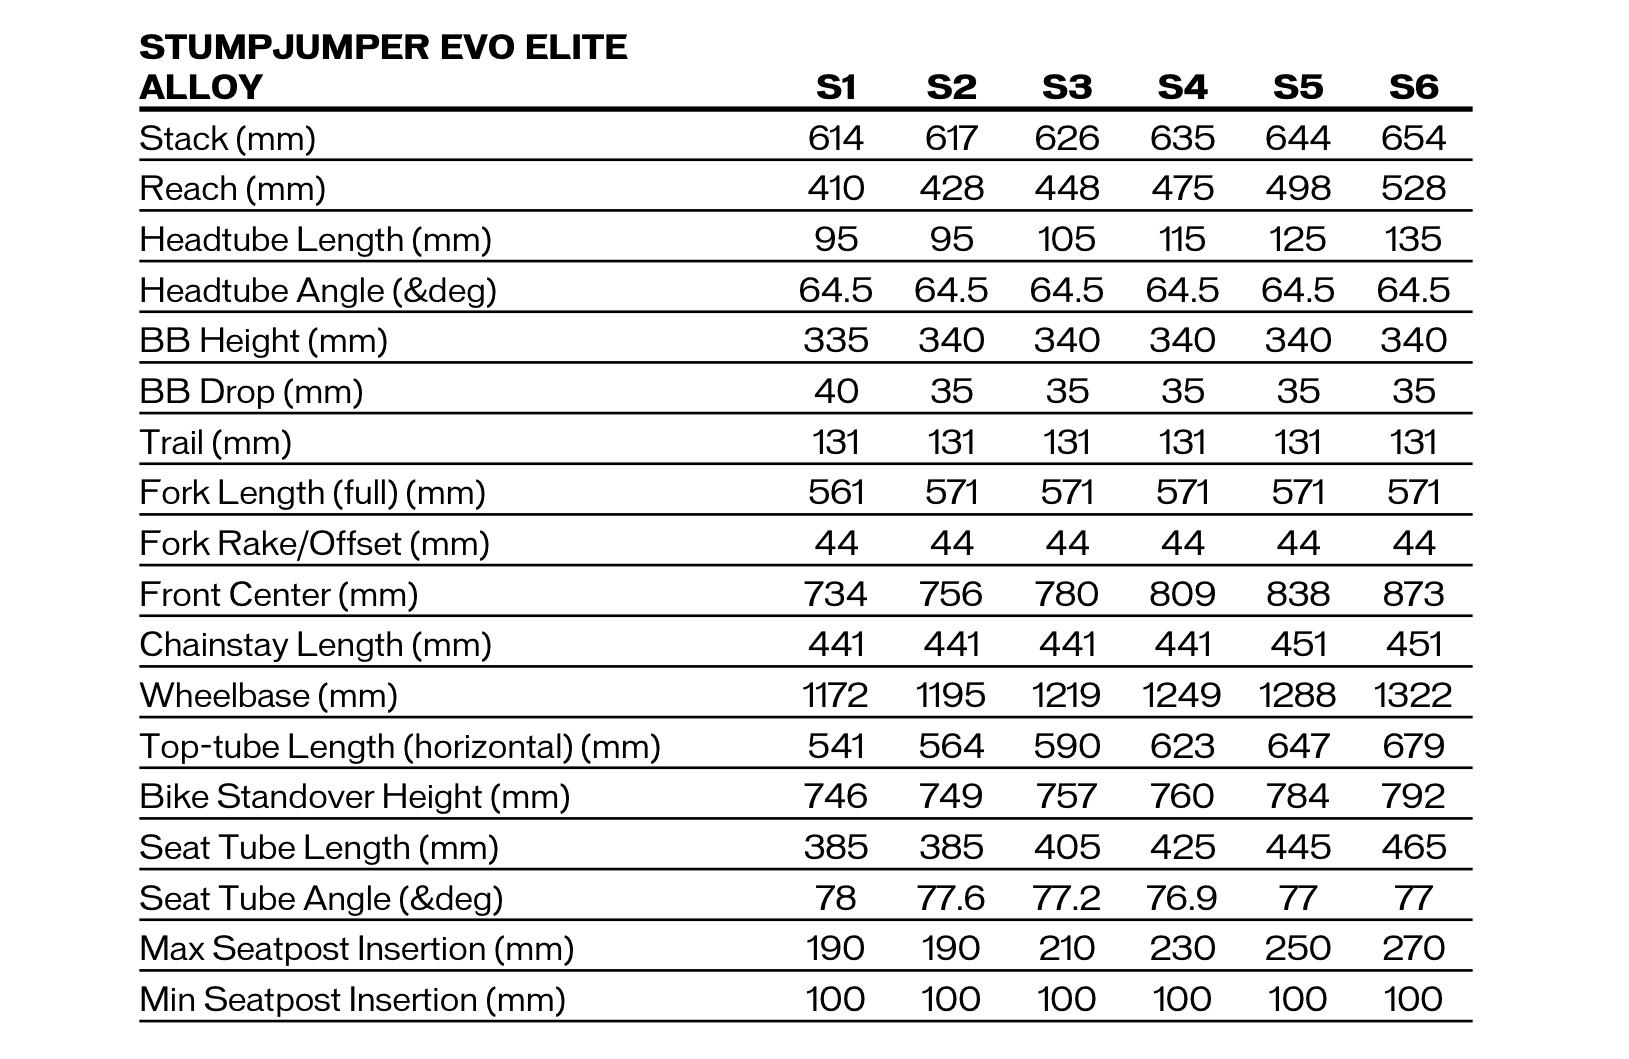 Specialized Stumpjumper Evo Alloy